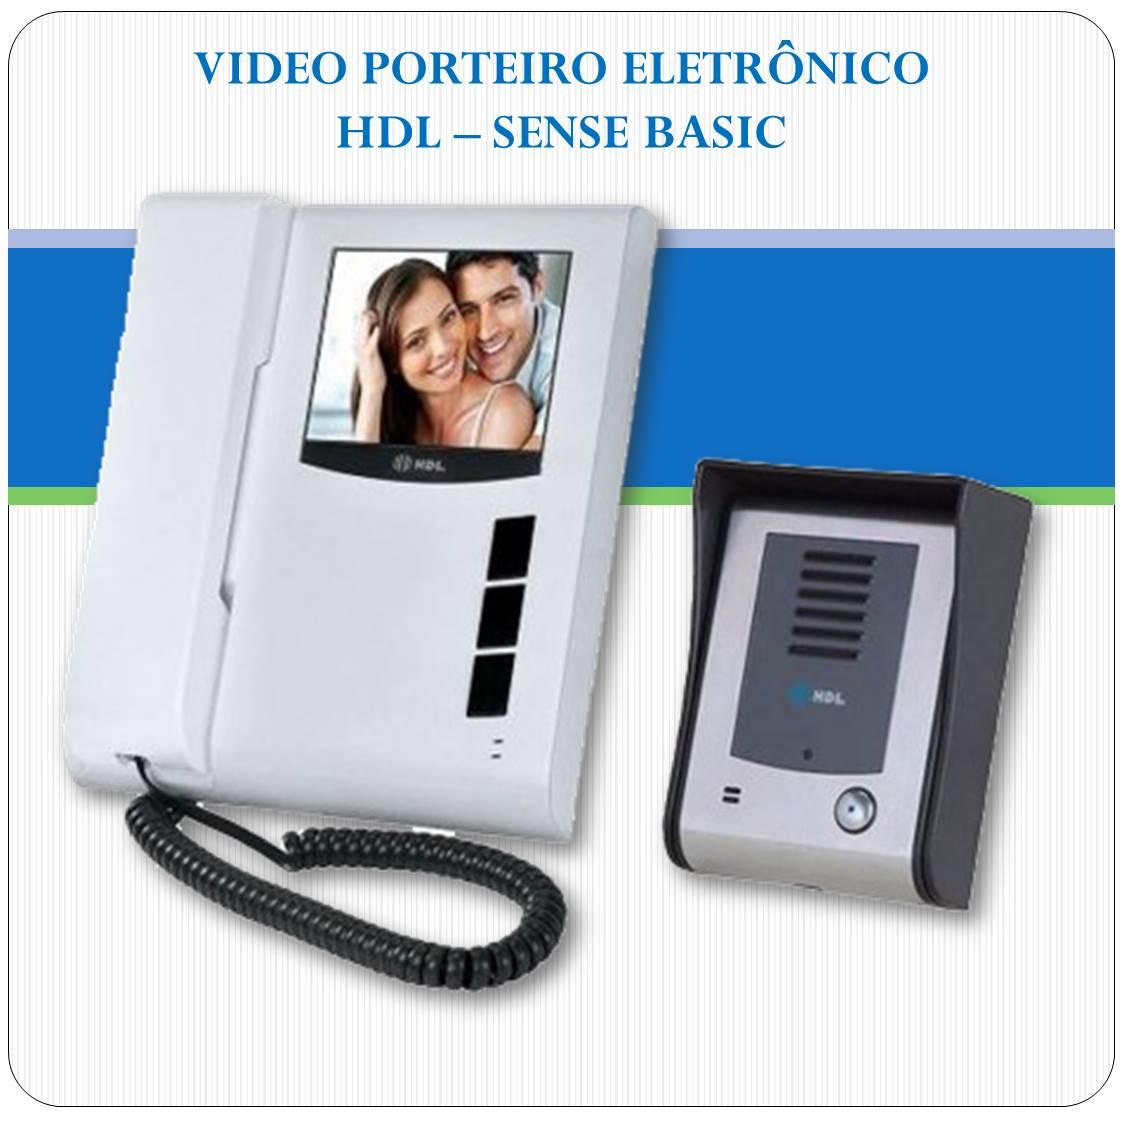 Video Porteiro Eletrônico HDL - Sense Basic